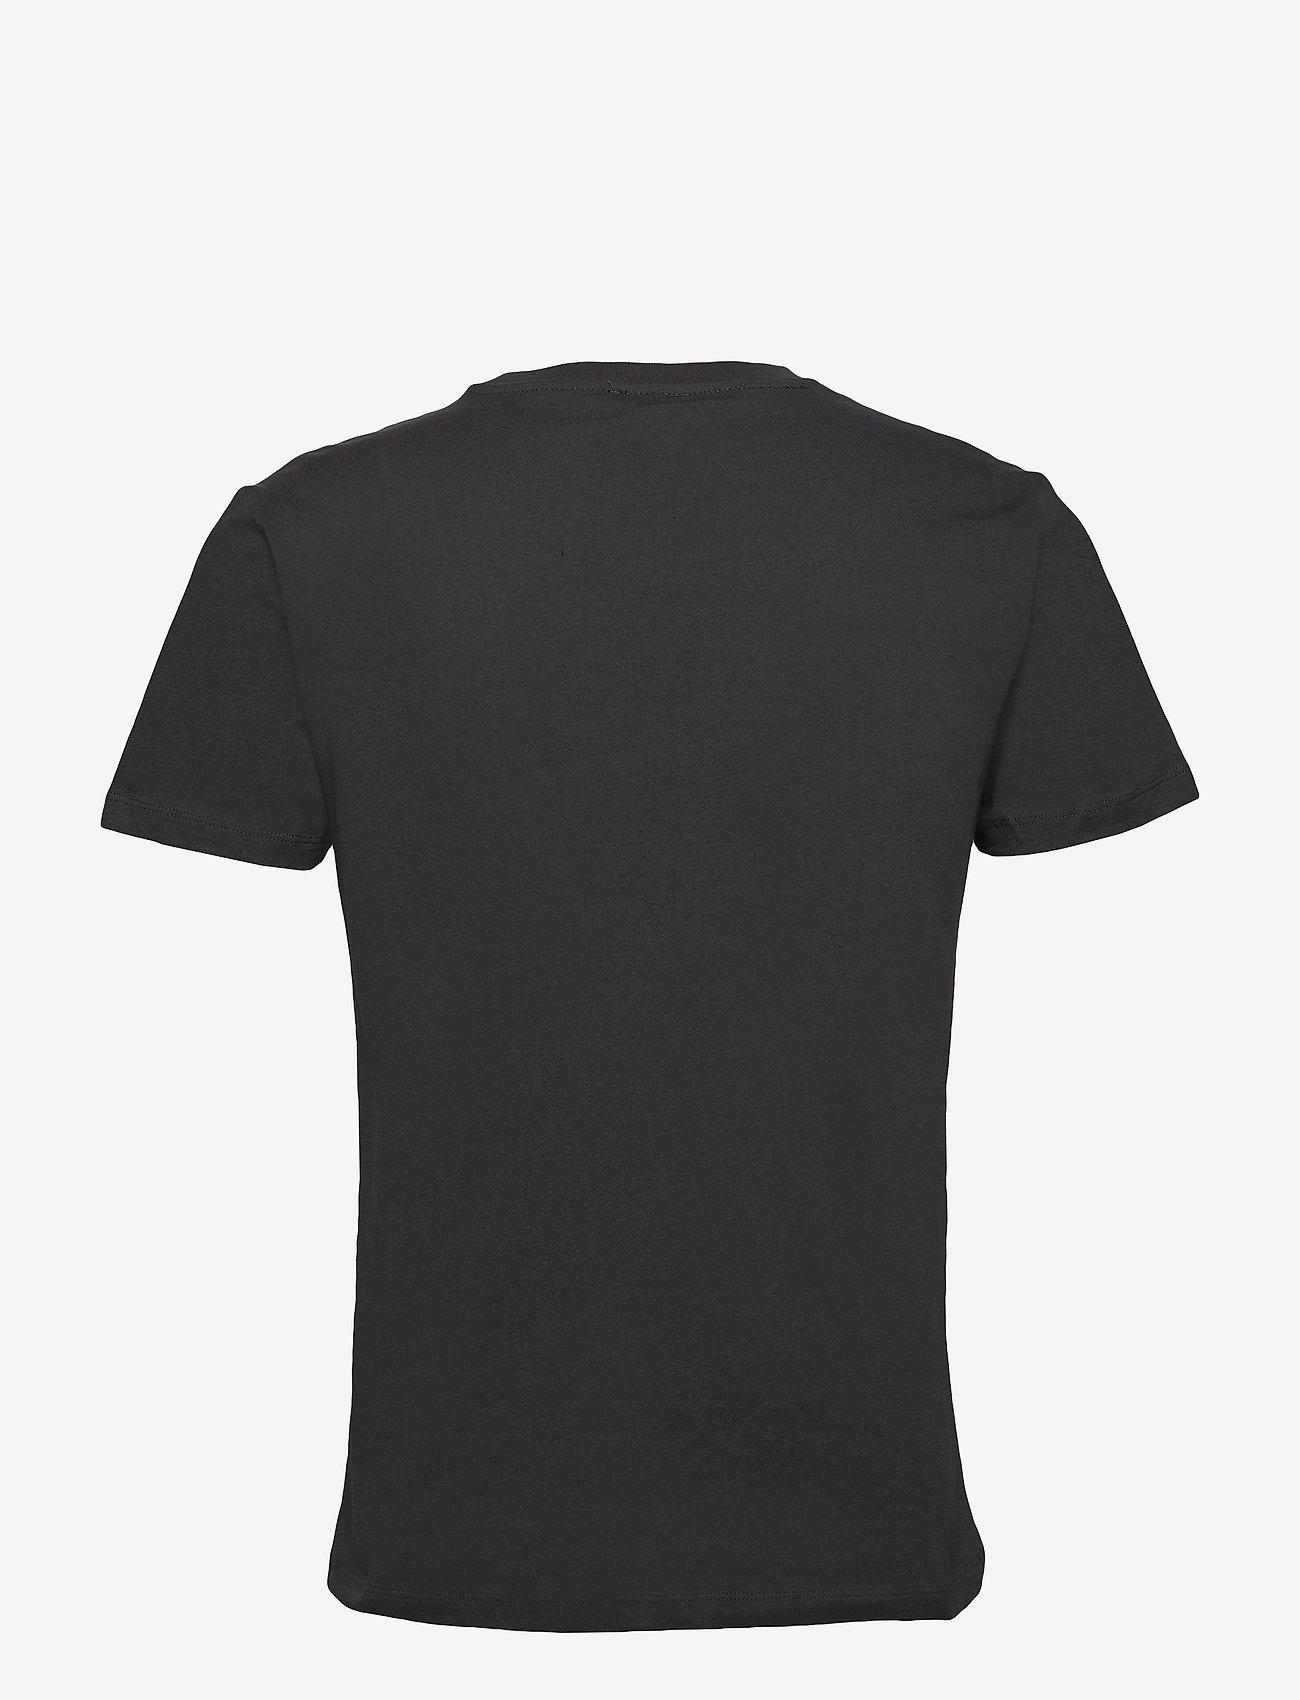 Diesel Men - UMLT-JAKE T-SHIRT - short-sleeved t-shirts - grey - 1